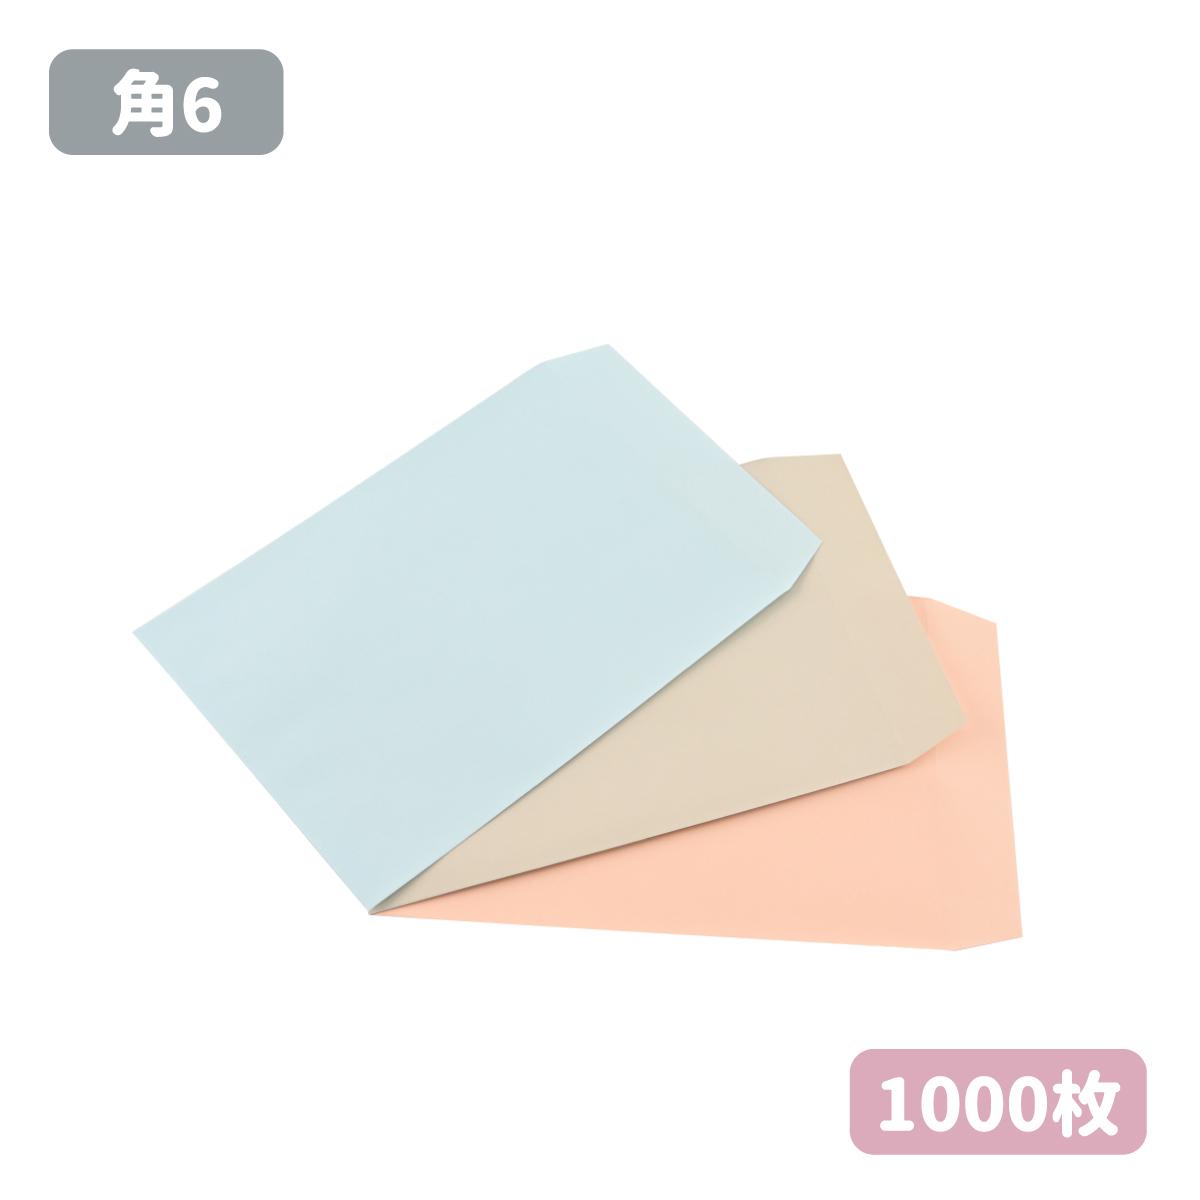 角6-A5判がそのまま入る淡いカラー封筒です 角6 ハーフトーンカラー パステル 封筒 紙厚100g 新作販売 1000枚 162×229 A4二つ折りサイズ A5封筒 角形6号 A5サイズ ブルー A5 賜物 グレー ピンク 無地 角6封筒